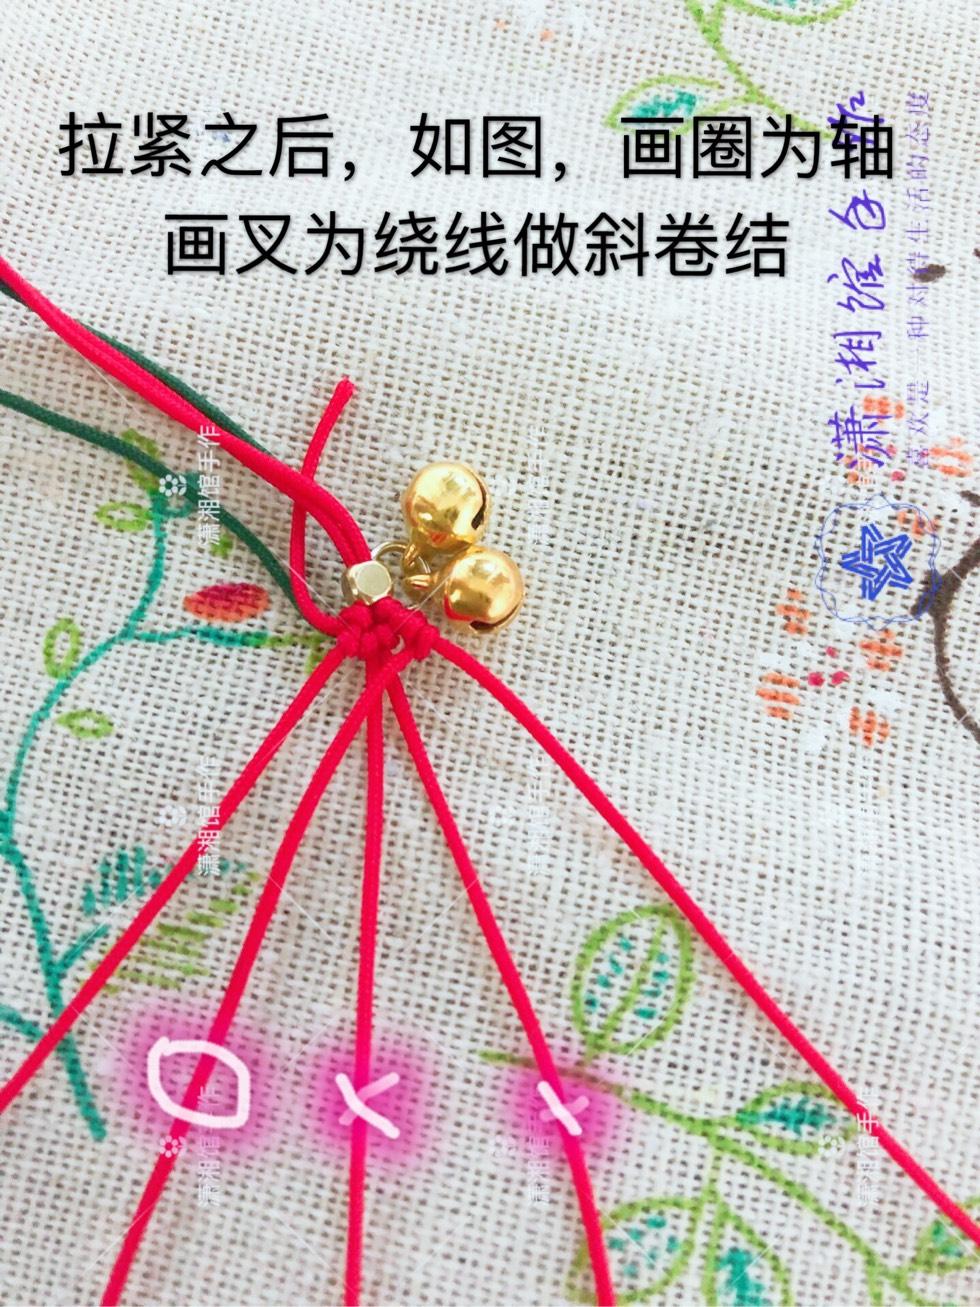 中国结论坛 圣诞节蝴蝶结手链  图文教程区 114831y1vv4fav4fyfwf1b